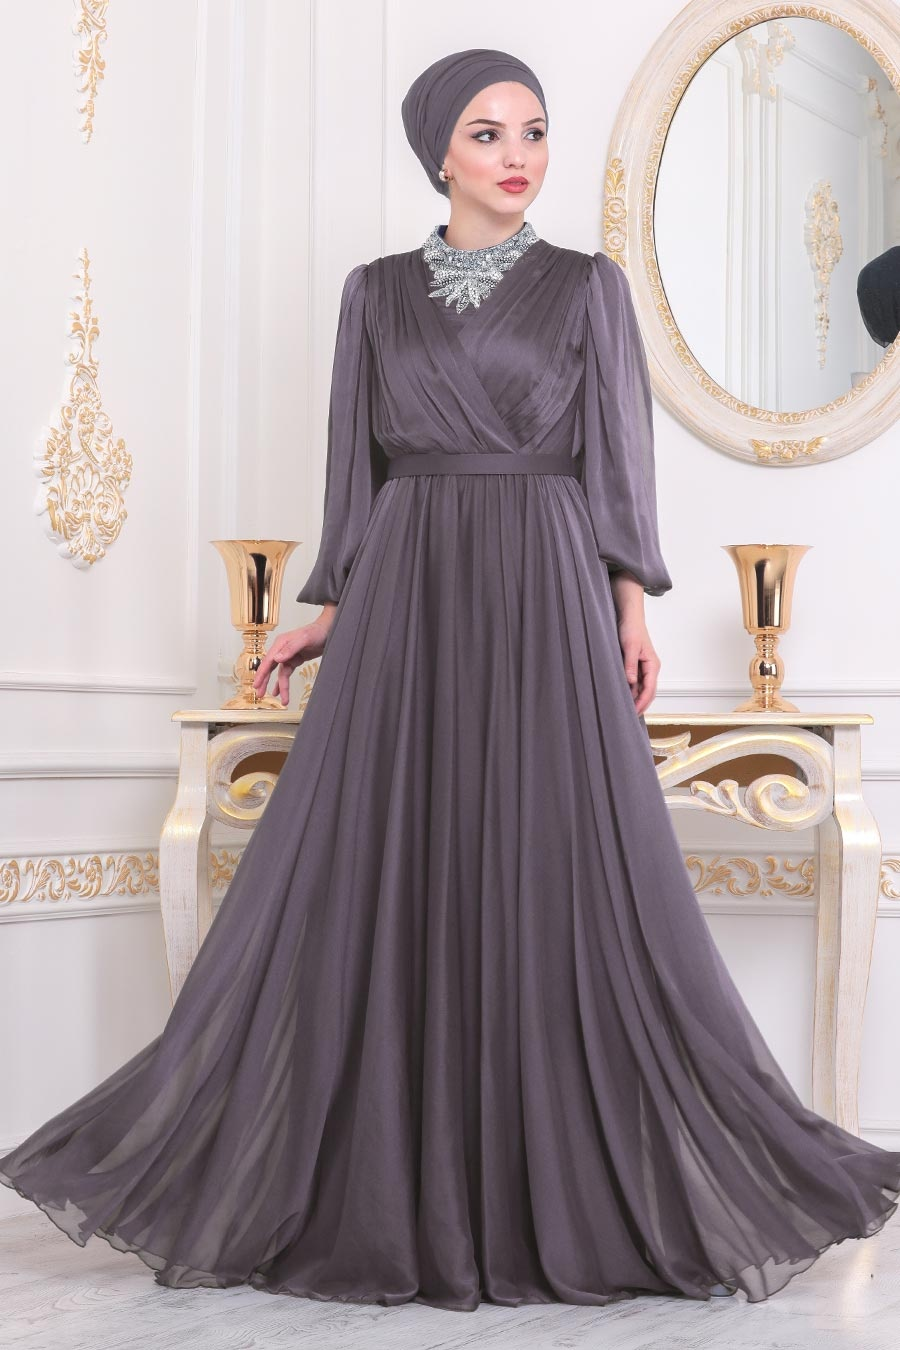 Tesettürlü Abiye Elbise - Boncuk İşlemeli Koyu Lila Tesettür Abiye Elbise 40550KLILA